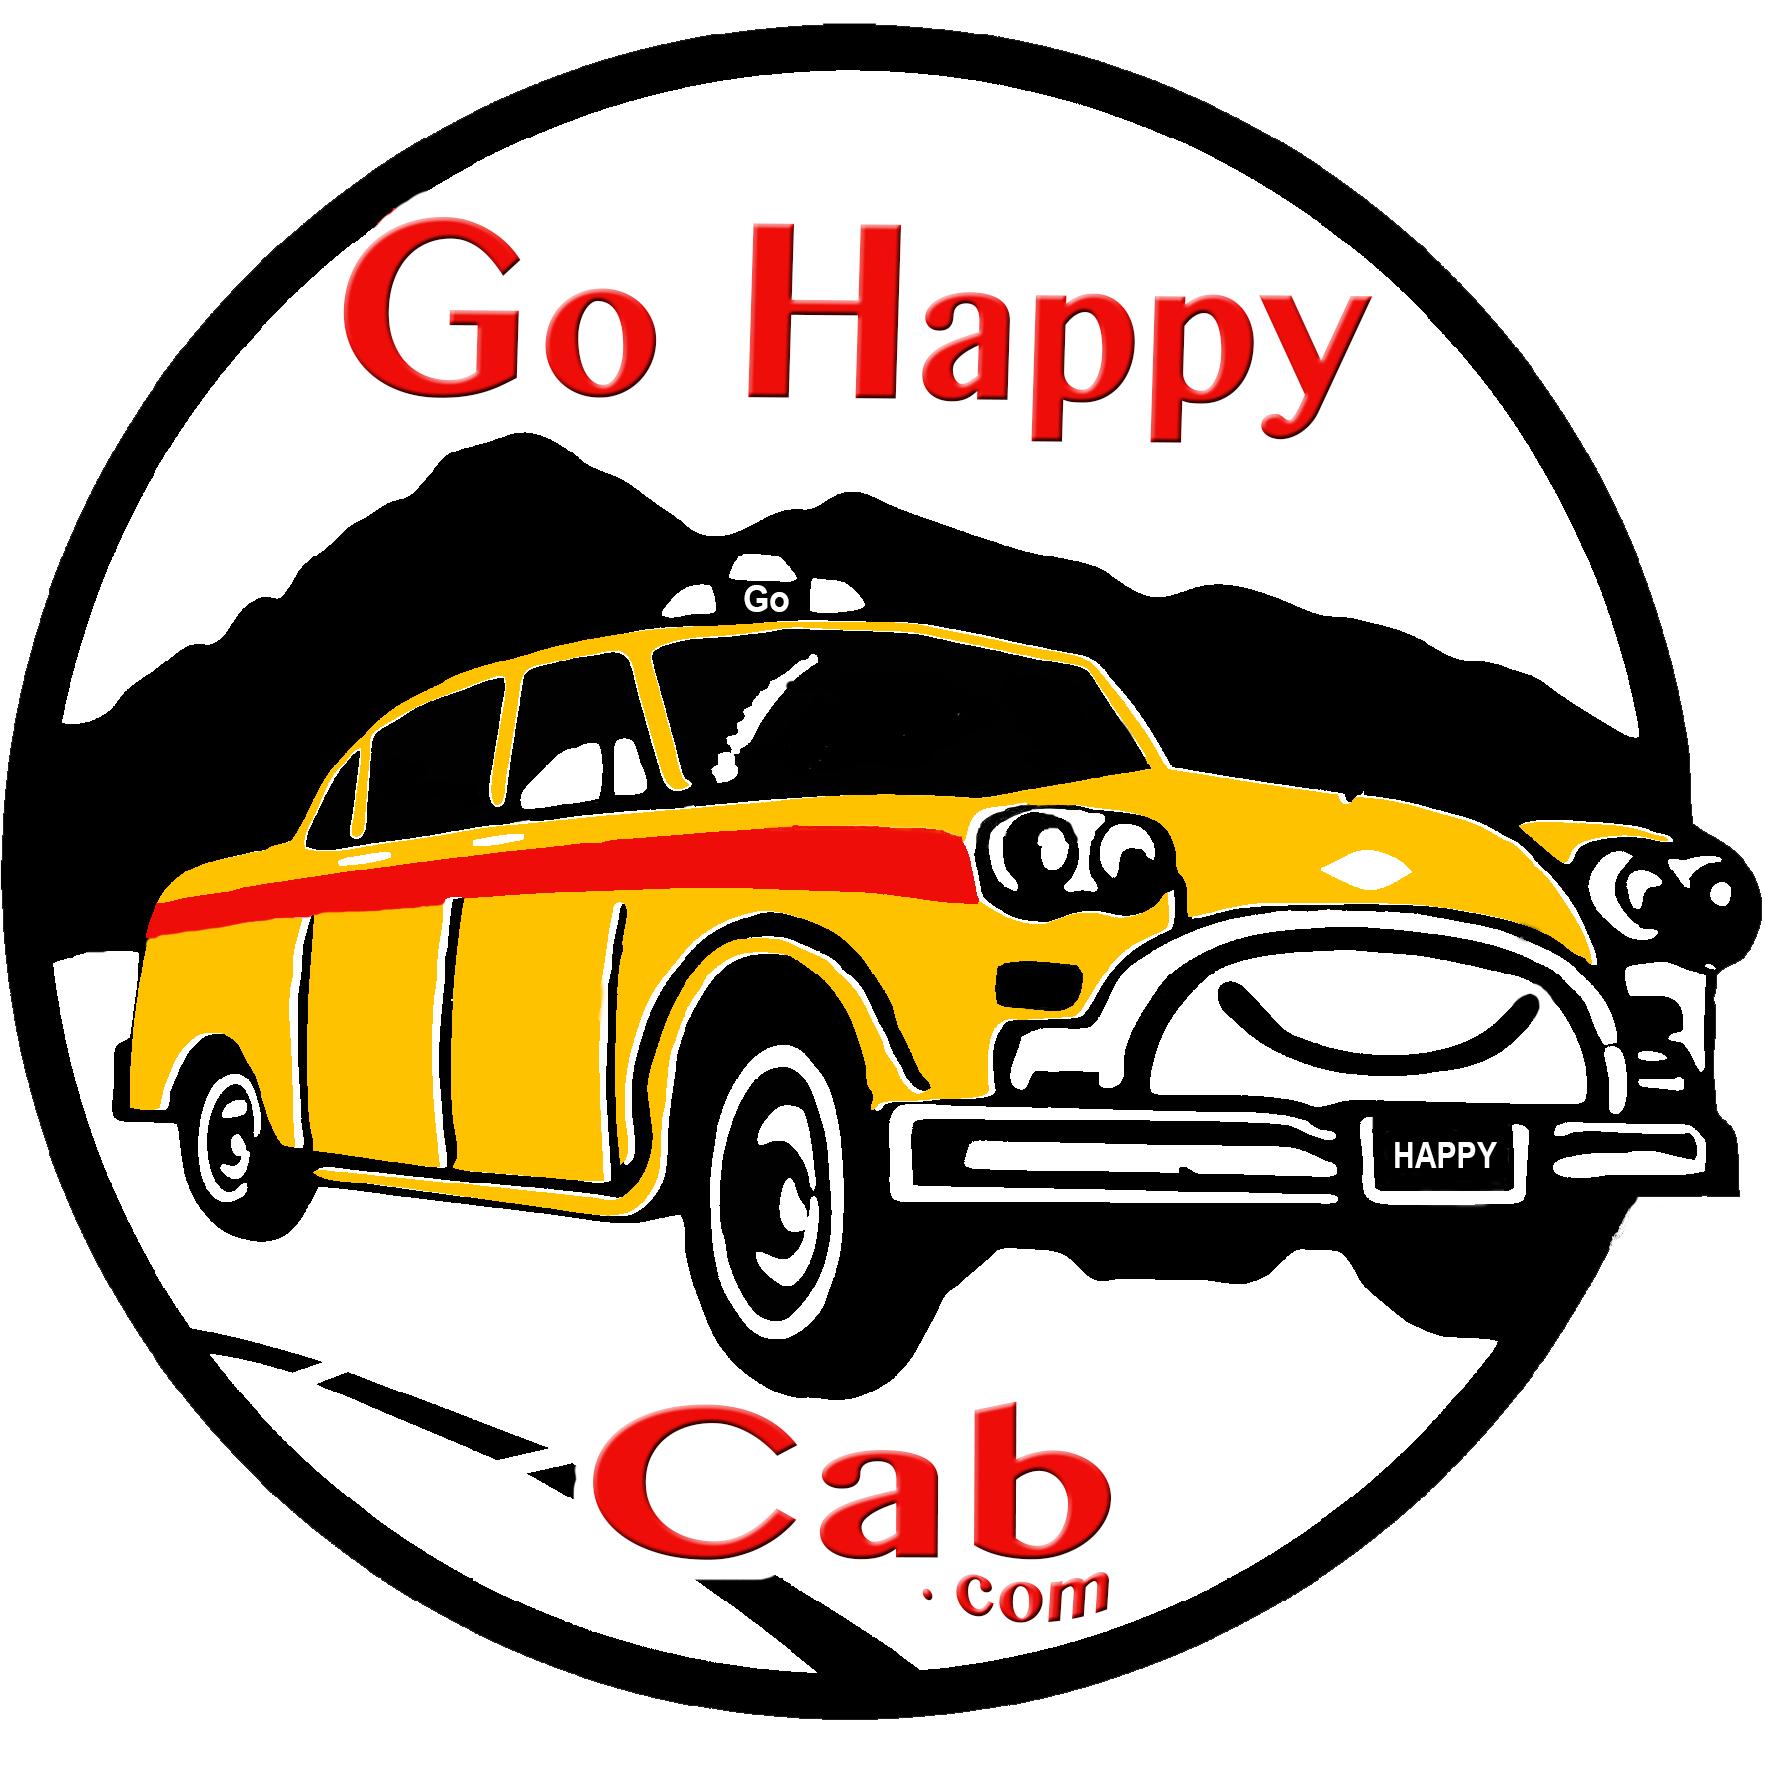 Go Happy Cab - San Rafael, CA 94901 - (415)419-5499 | ShowMeLocal.com